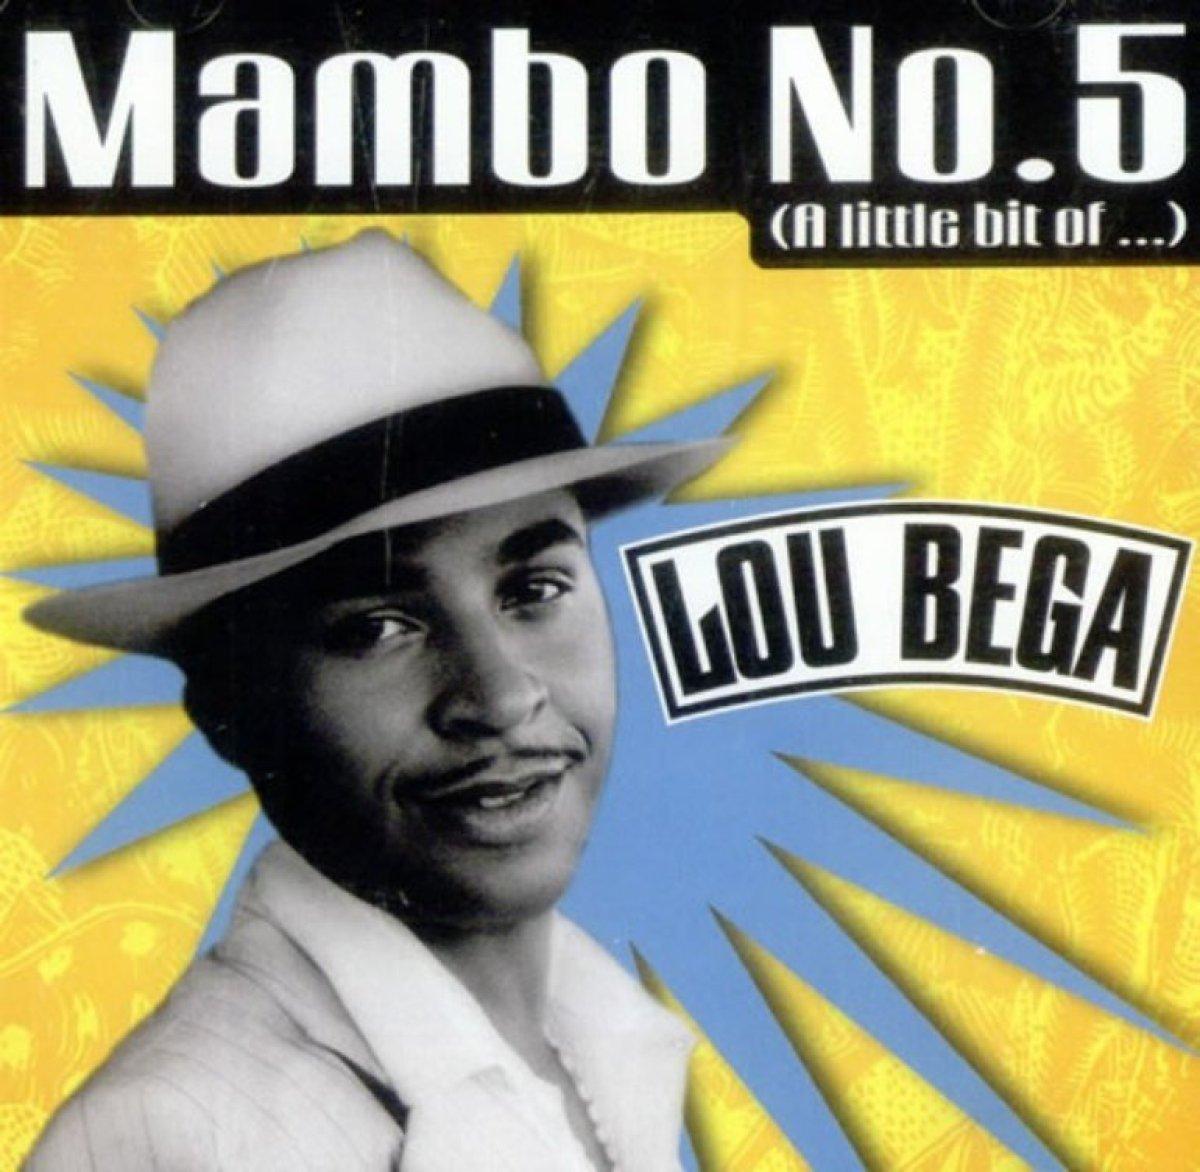 Mambo No. 5 – Lou Bega